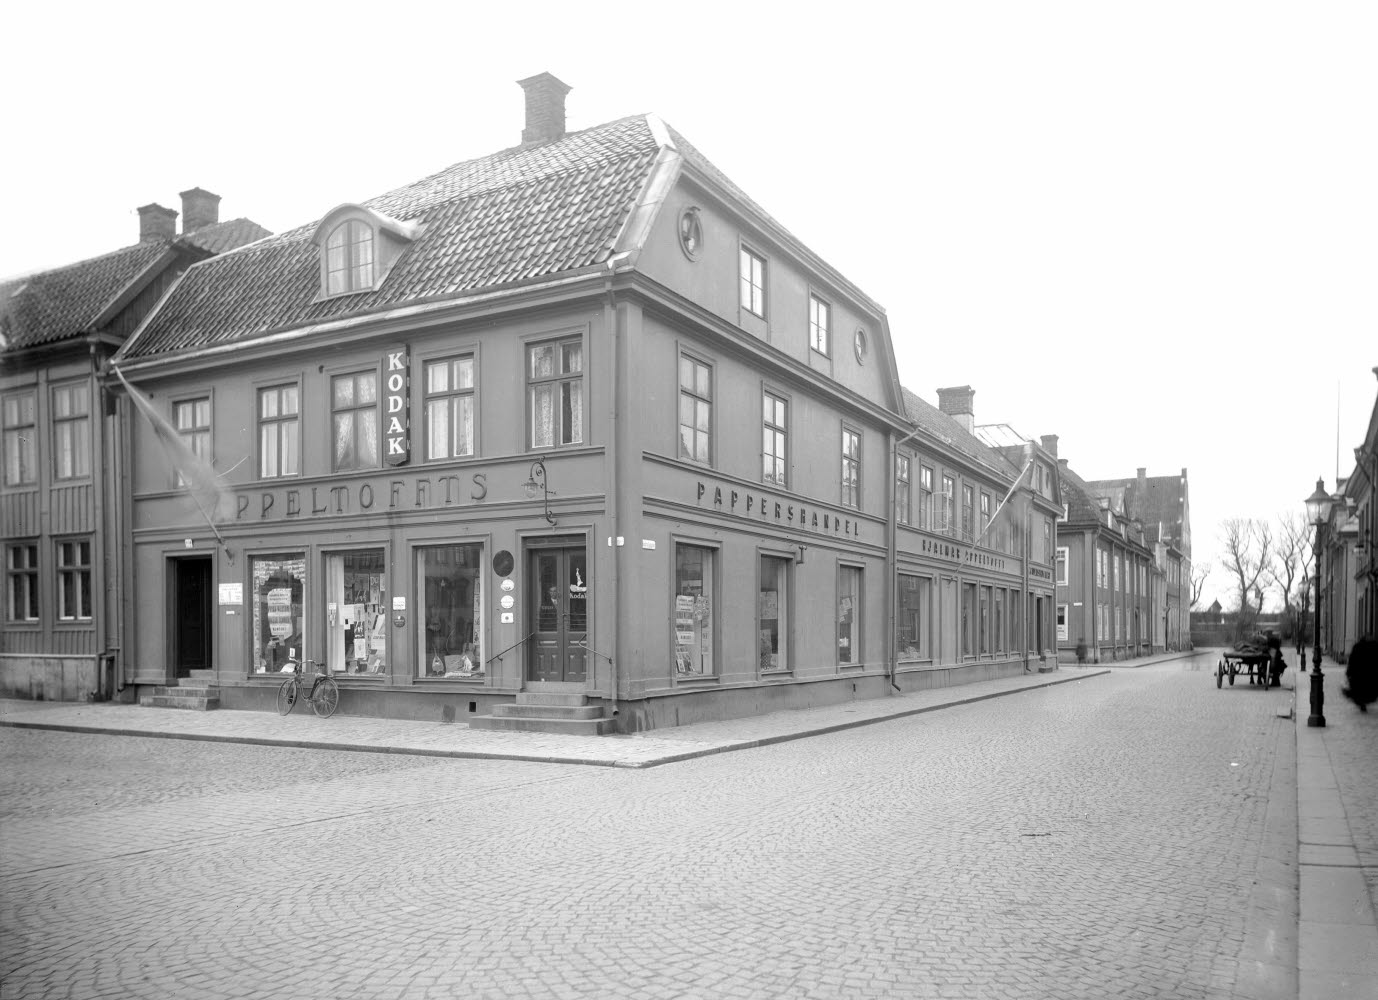 Appeltoffts Pappershandel Stortorget Västra Sjögatan